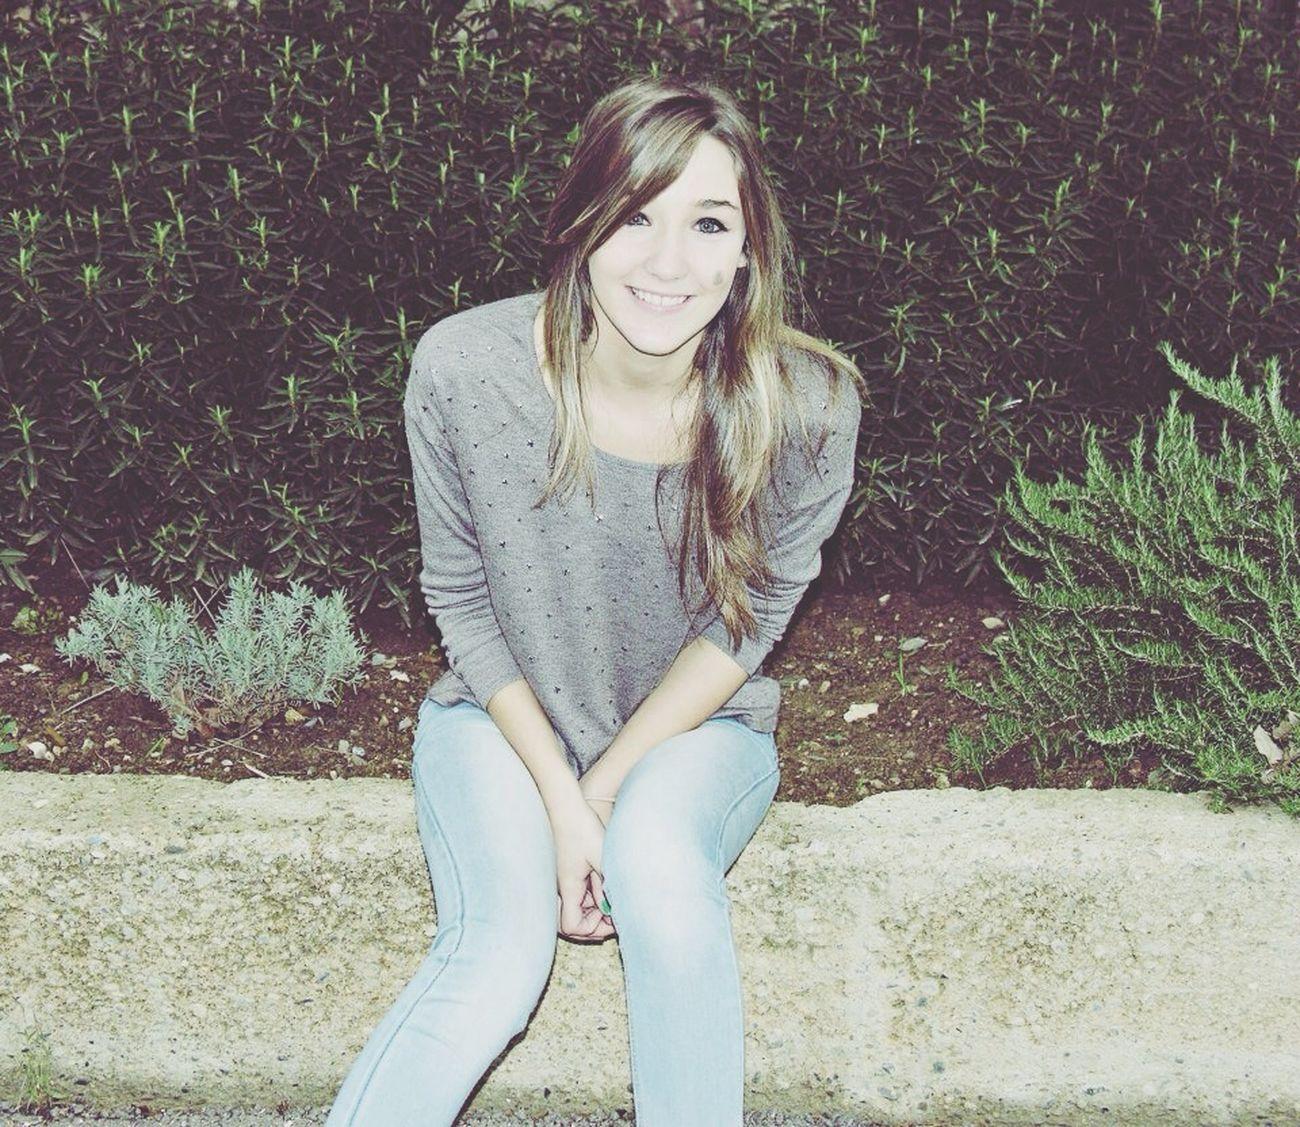 Sourire tu me rend heureuse ❤️